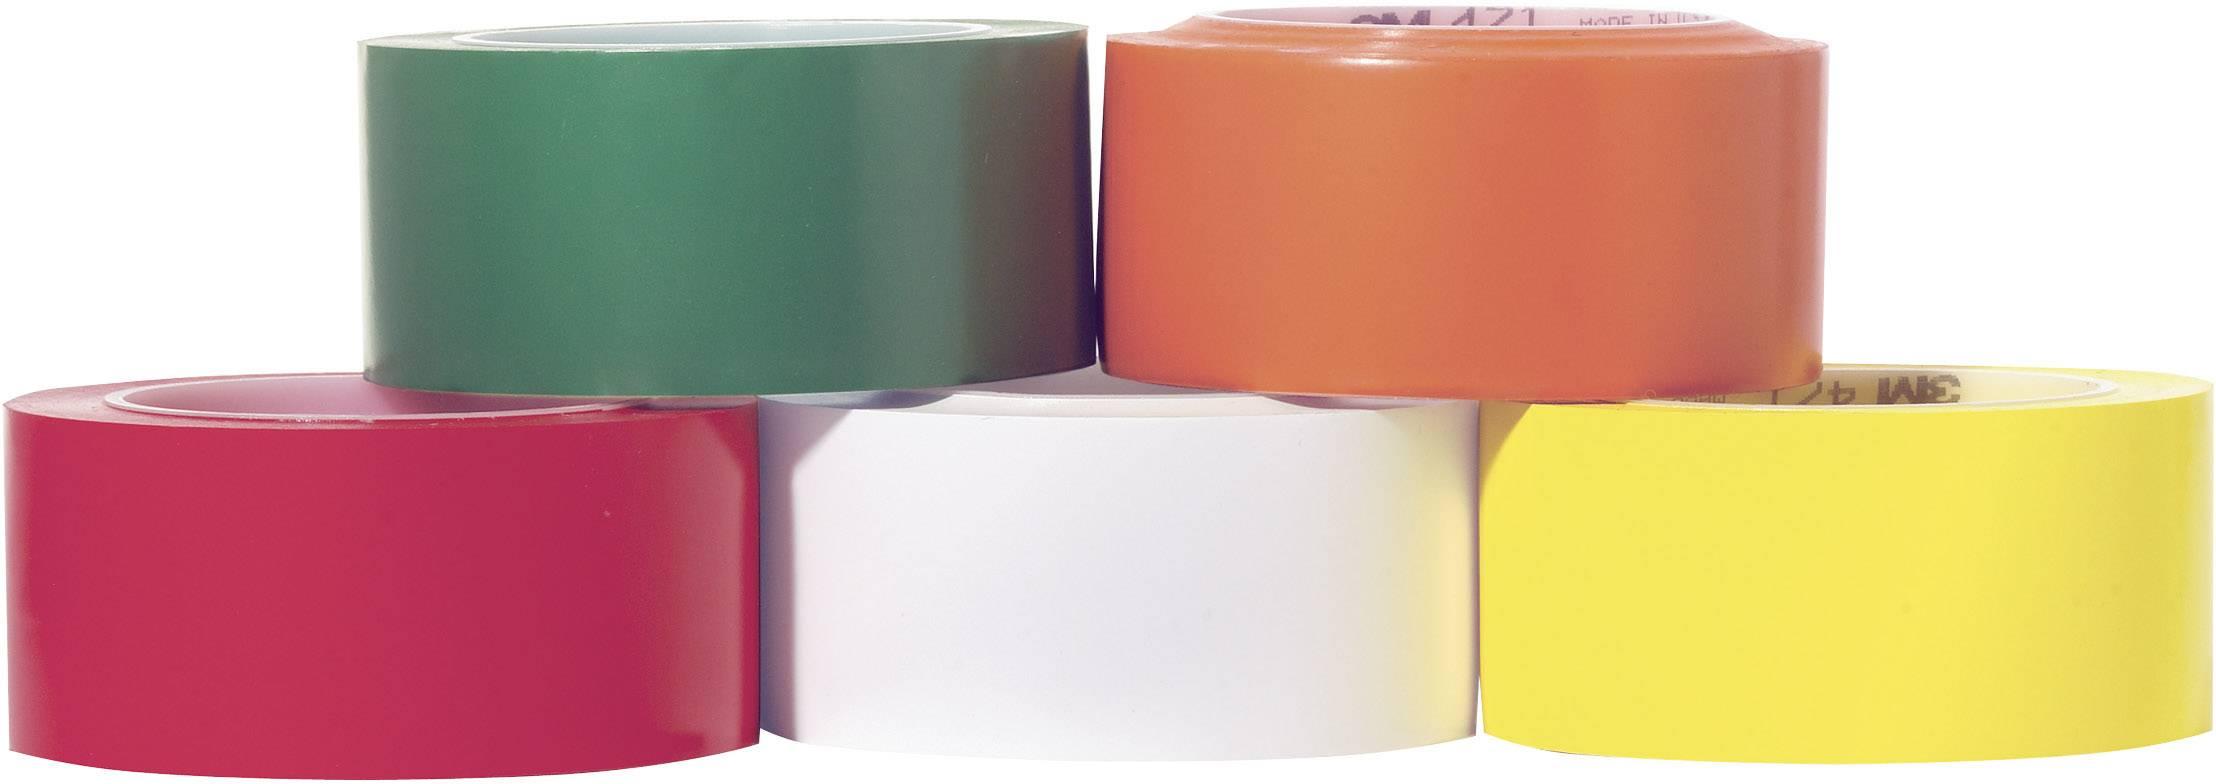 Lepicí páska modrá 764i (50 mmx 33 m) 3M